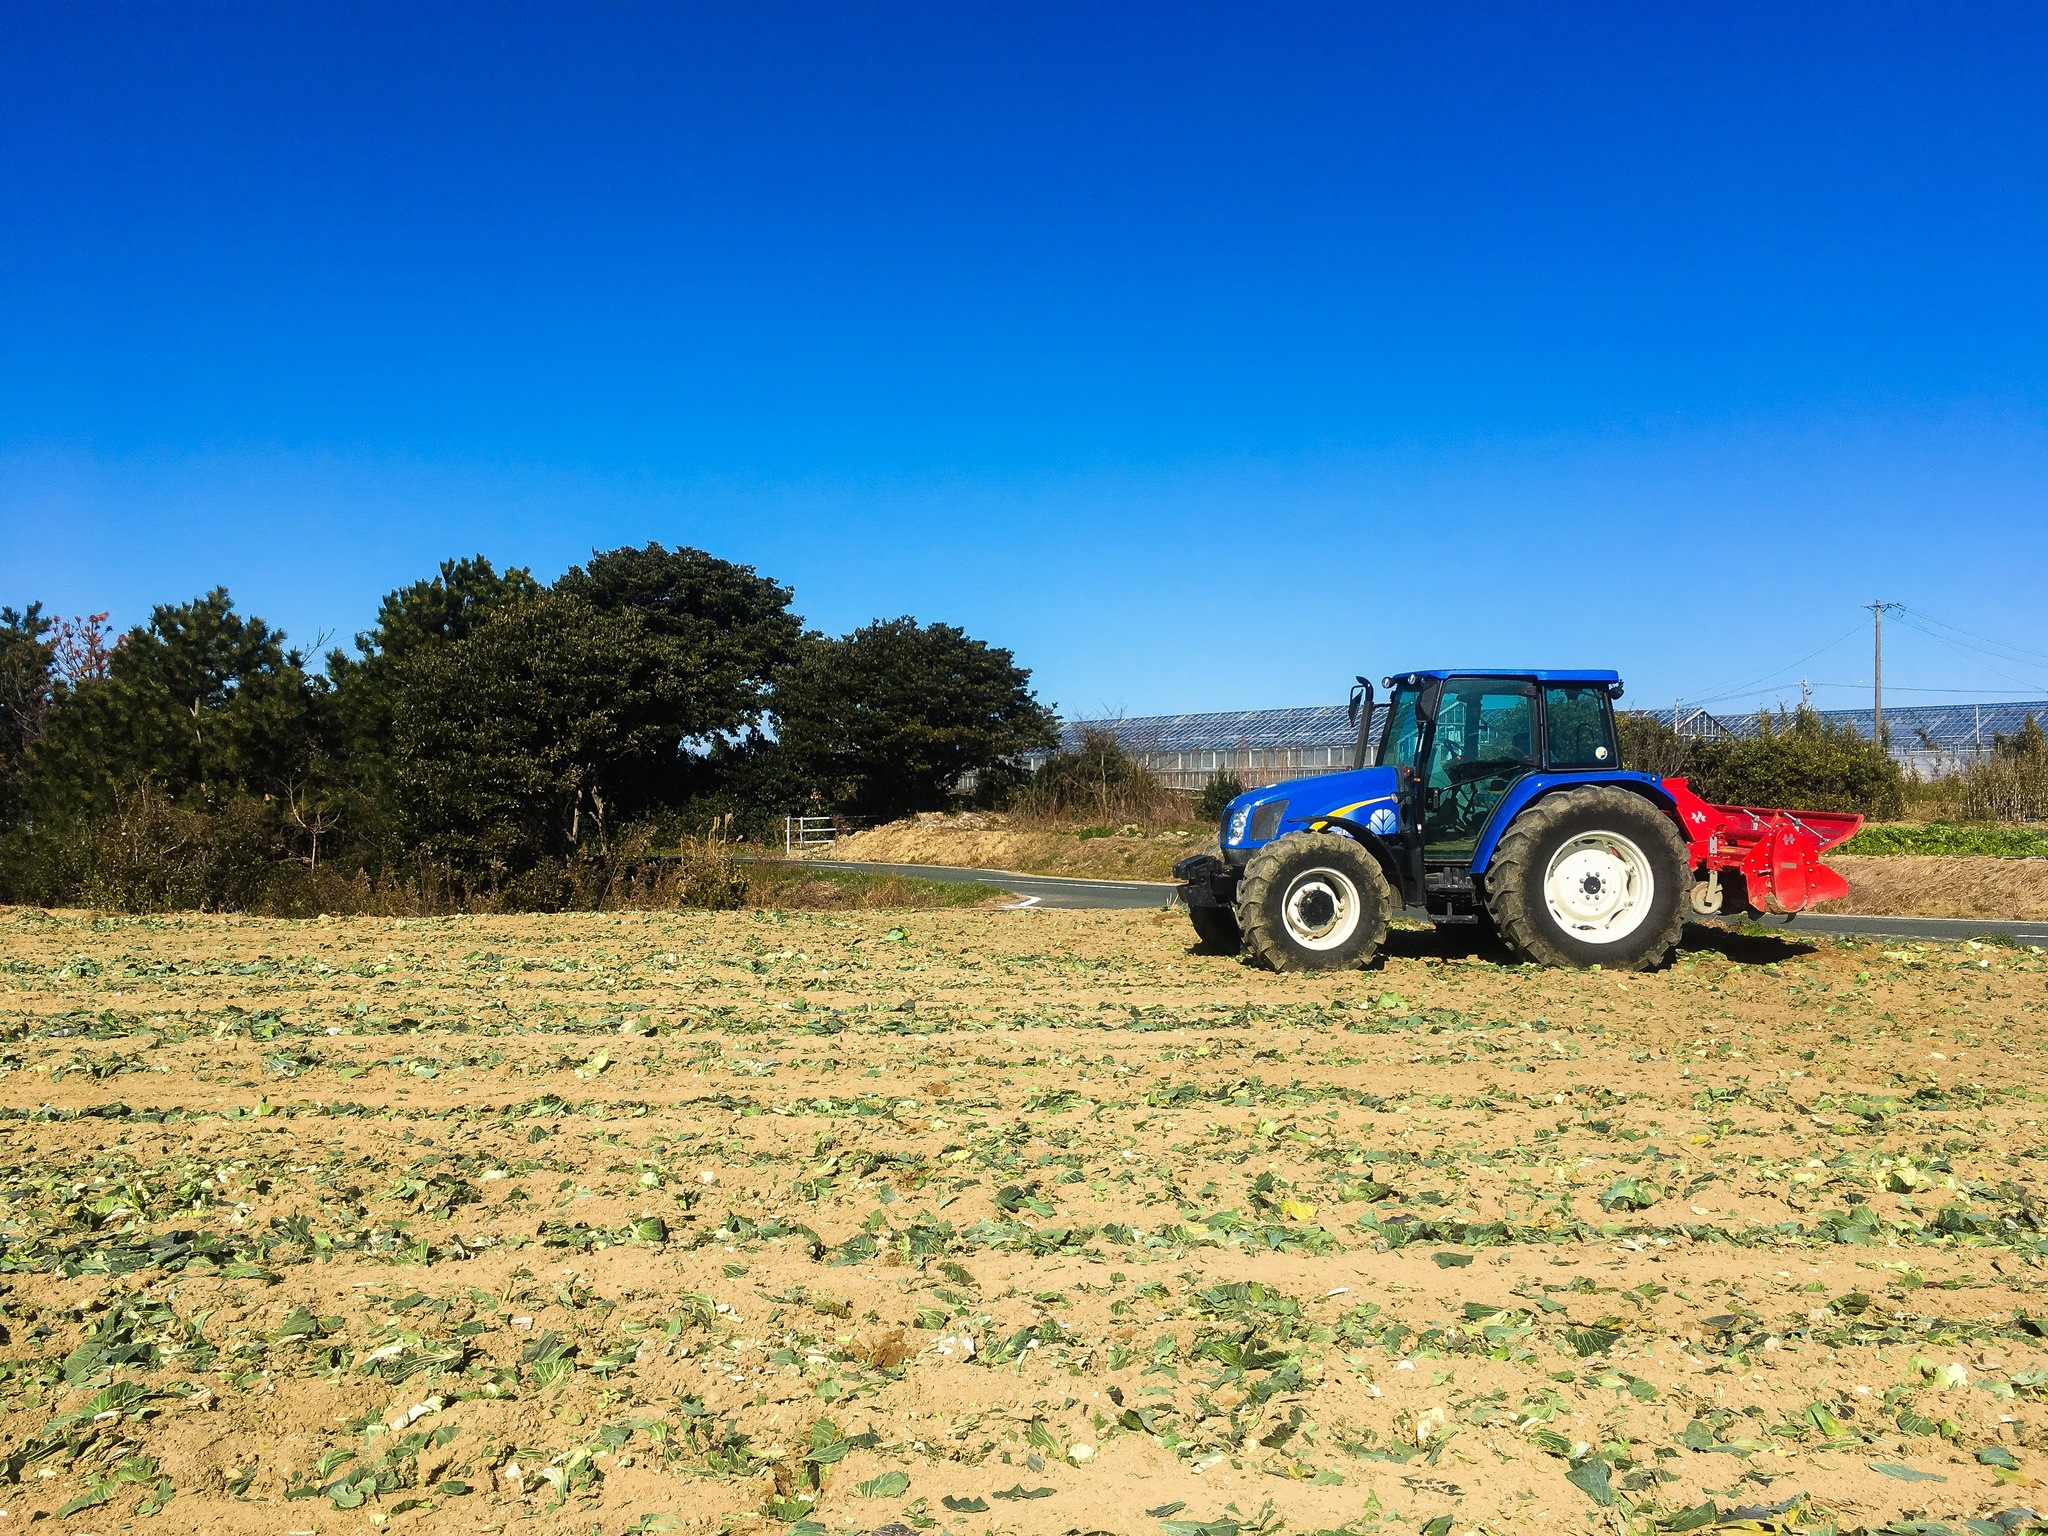 キャベツ畑からトウモロコシ畑へ